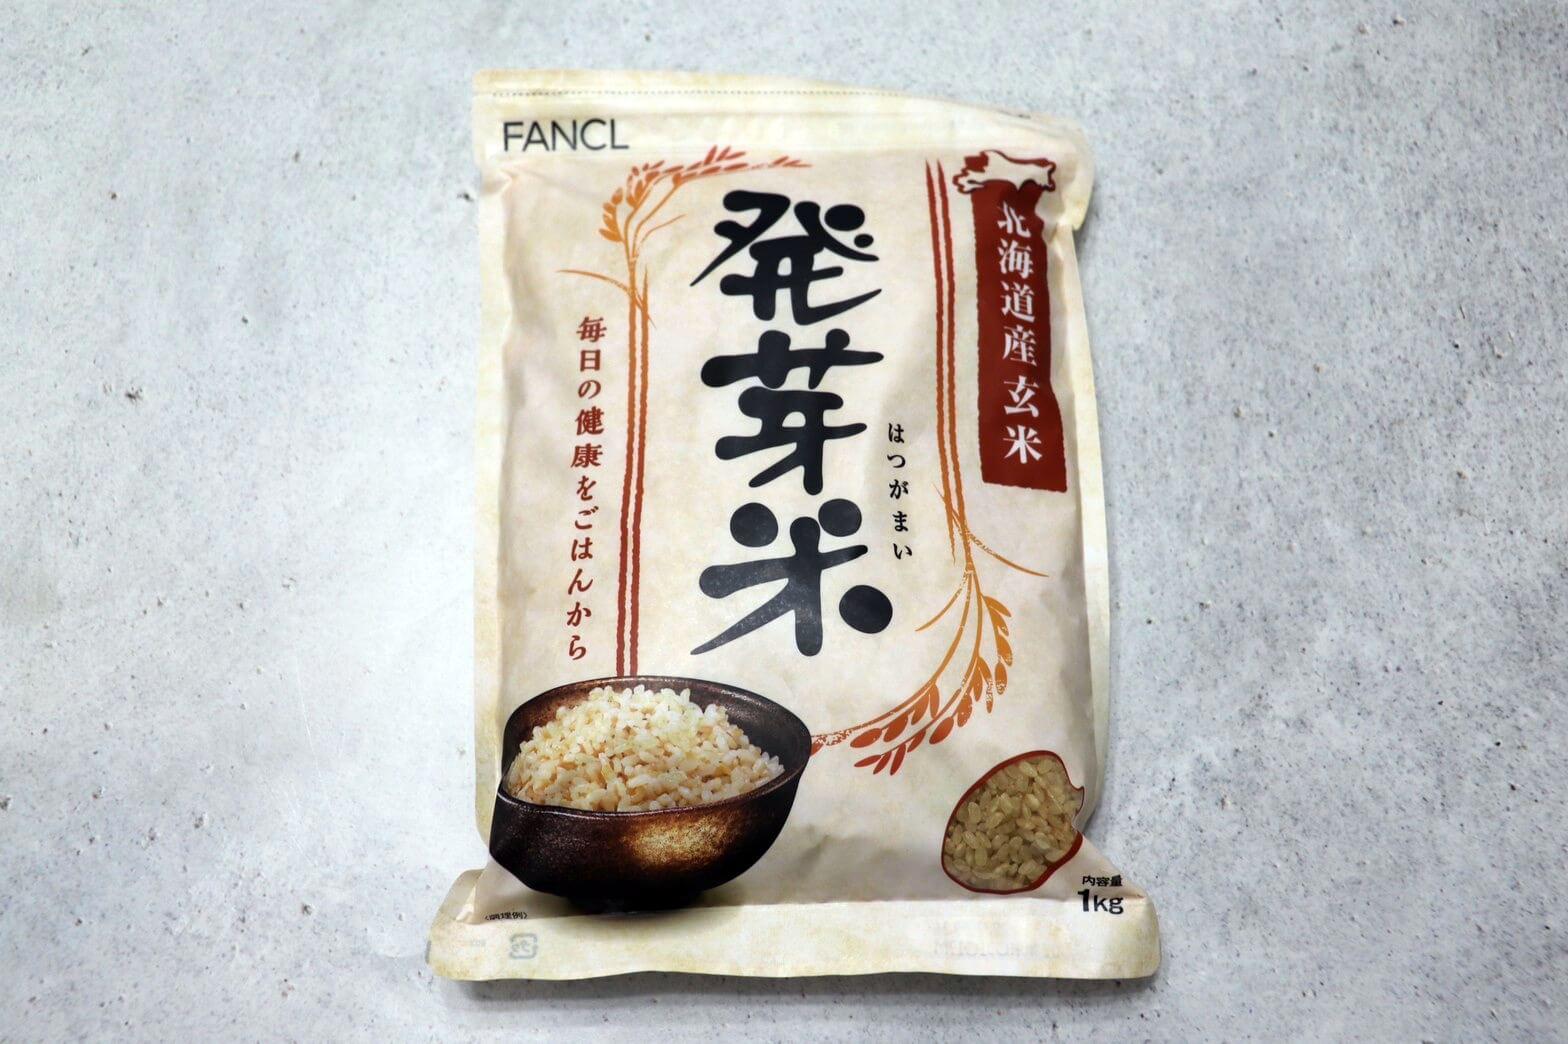 竹脇まりなさん愛用の「ファンケル 発芽米」の特徴